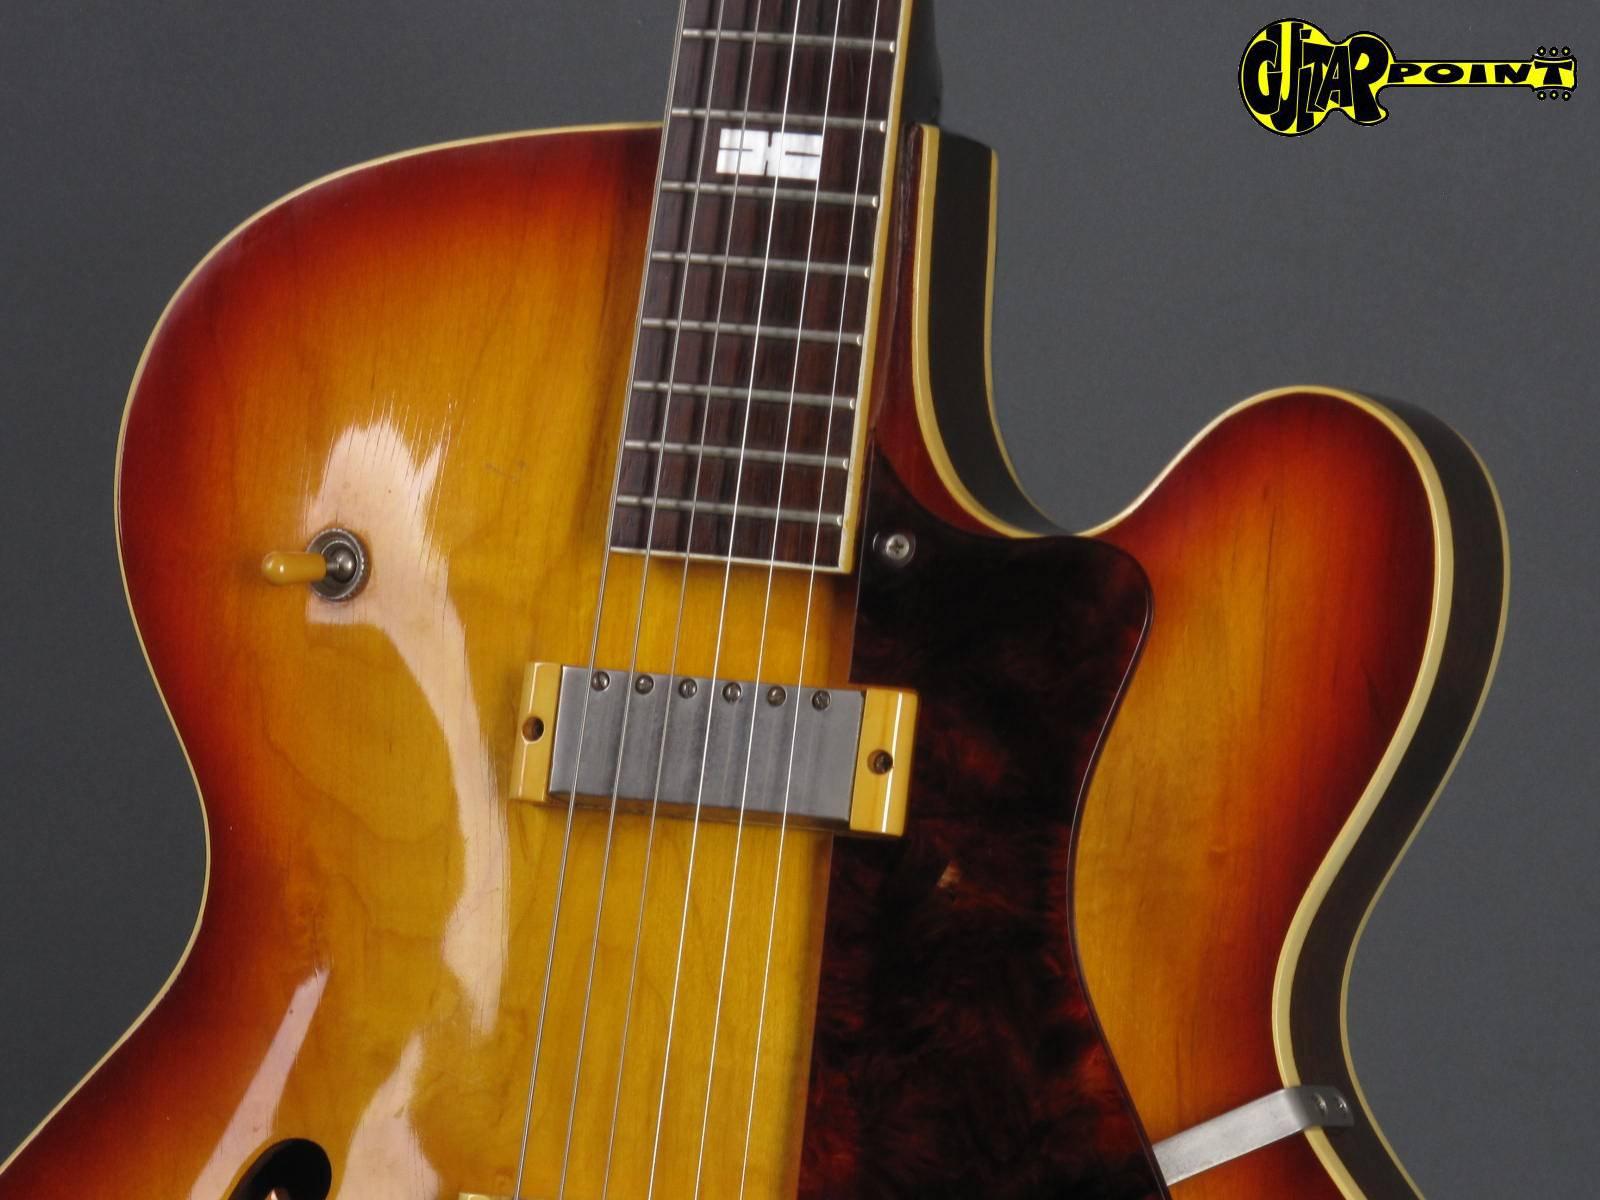 epiphone zephyr e312t 1958 sunburst guitar for sale guitarpoint. Black Bedroom Furniture Sets. Home Design Ideas